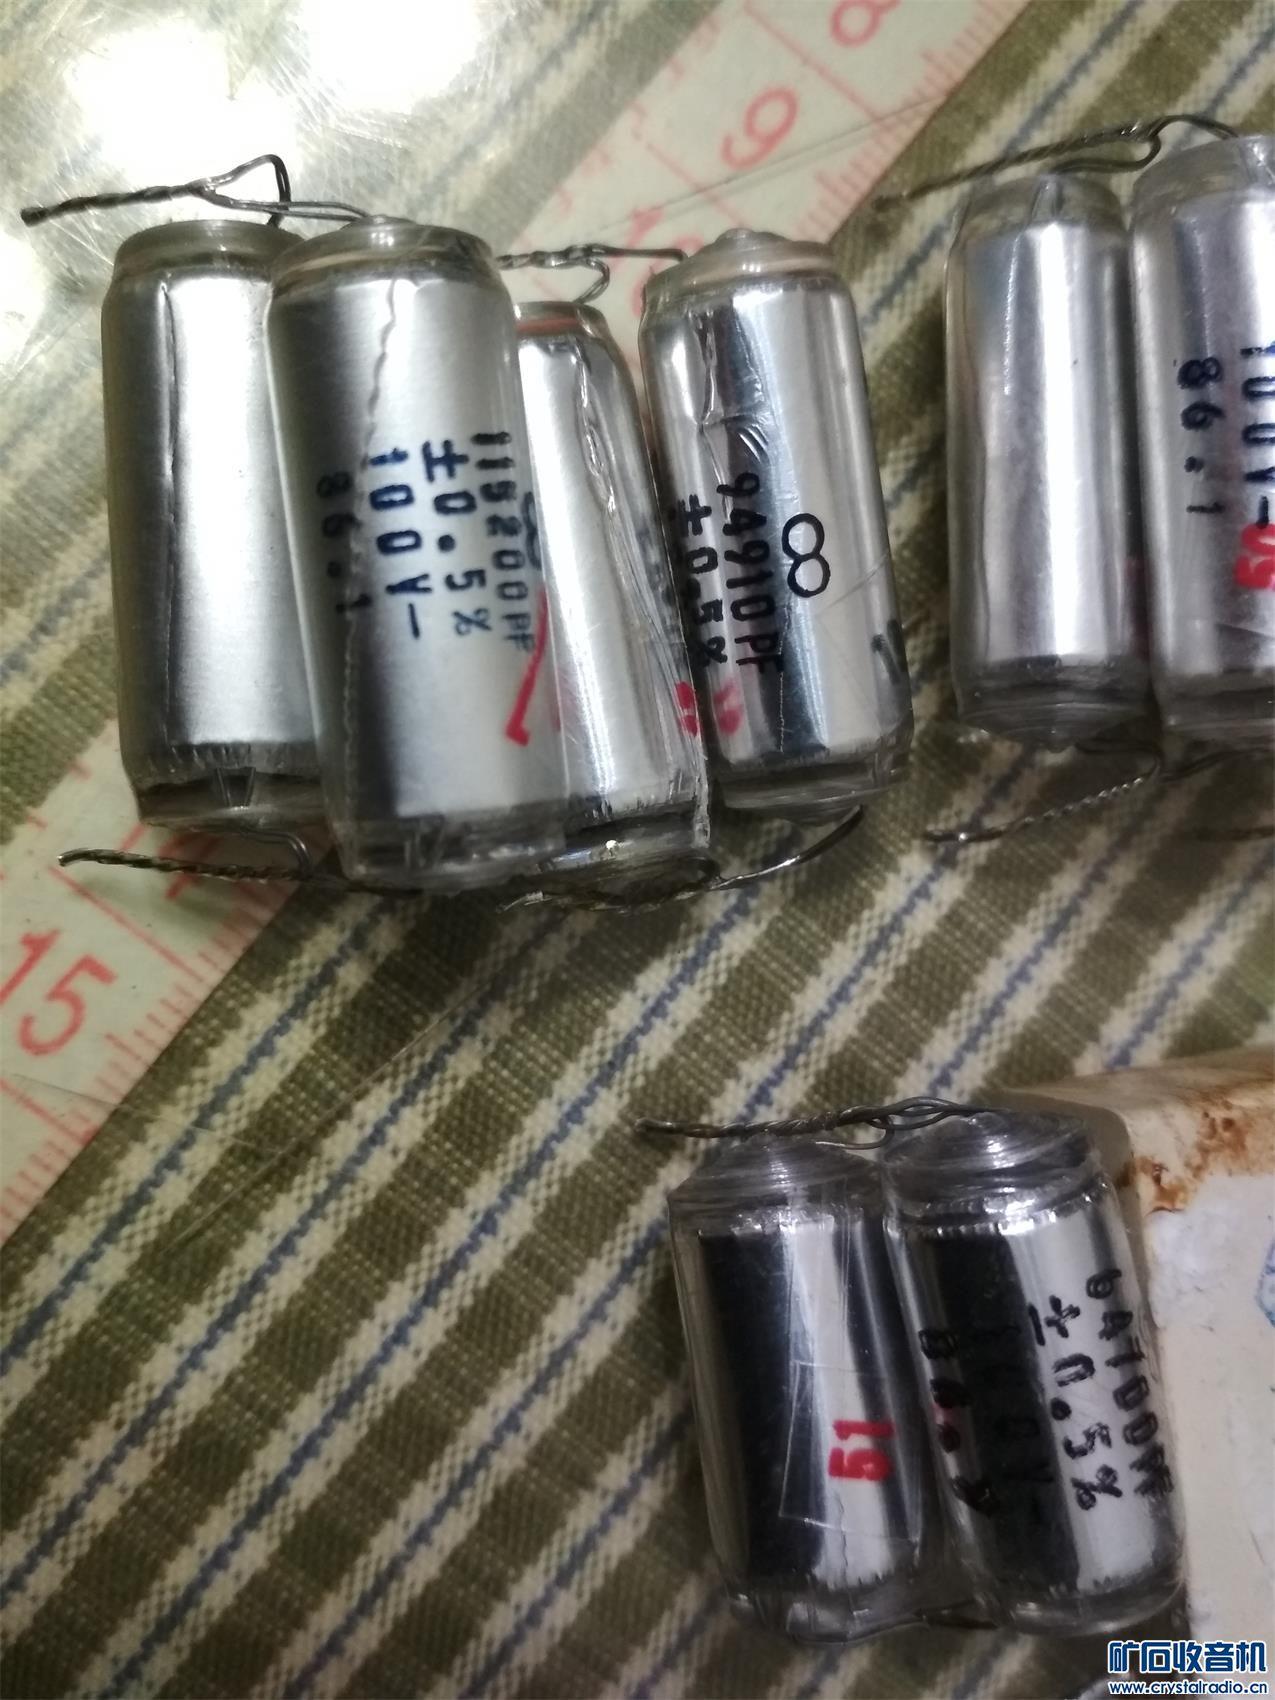 2509号高精度电容每组(有的2个一组、有的3个还有的4个一组)7元 (6).jpg